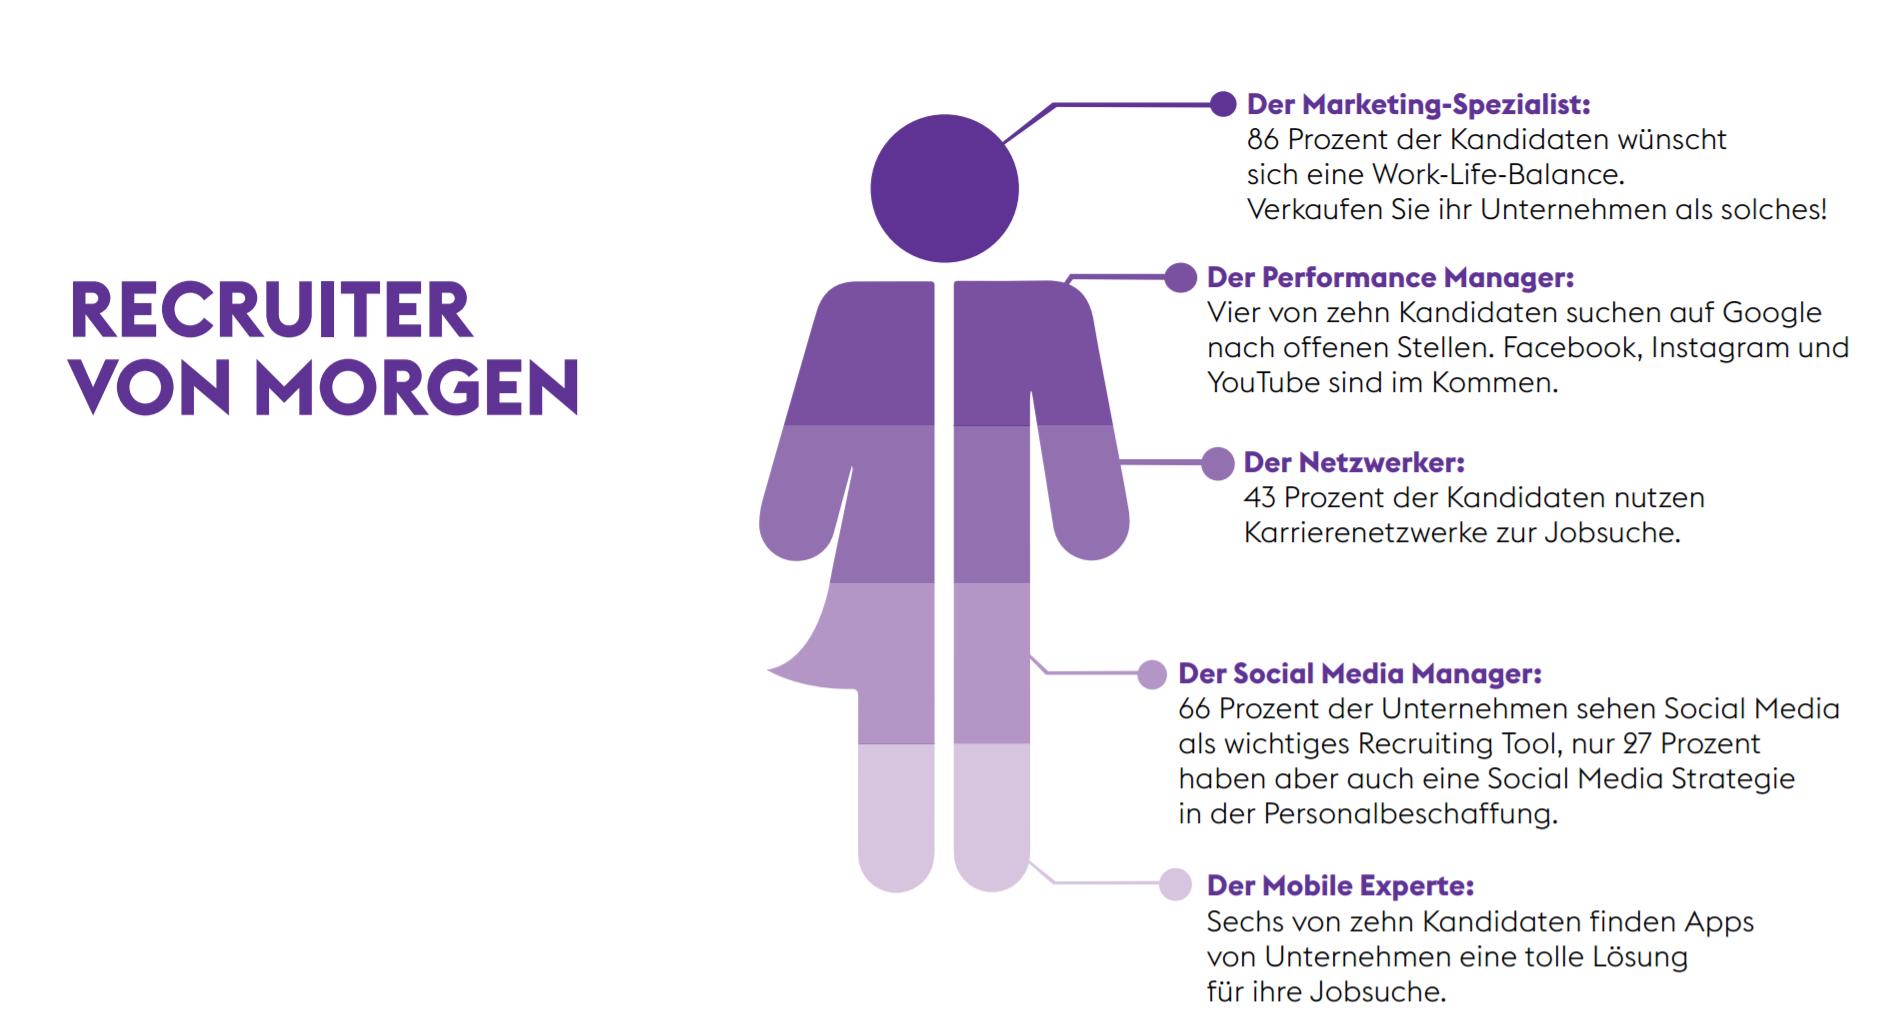 Gemütlich Lebenslauf Für Arzt Recruiter Bilder - Entry Level Resume ...